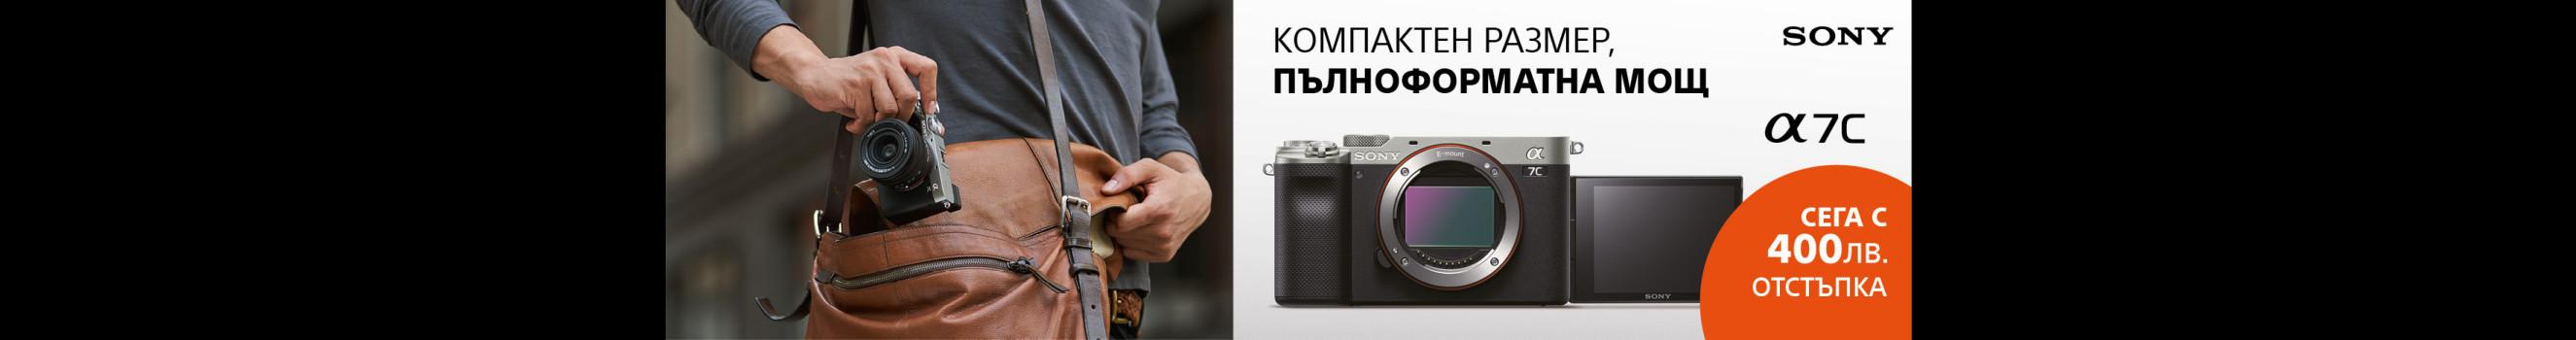 Фотоапарати Sony A7C с 400 лв. отстъпка в магазини ФотоСинтезис